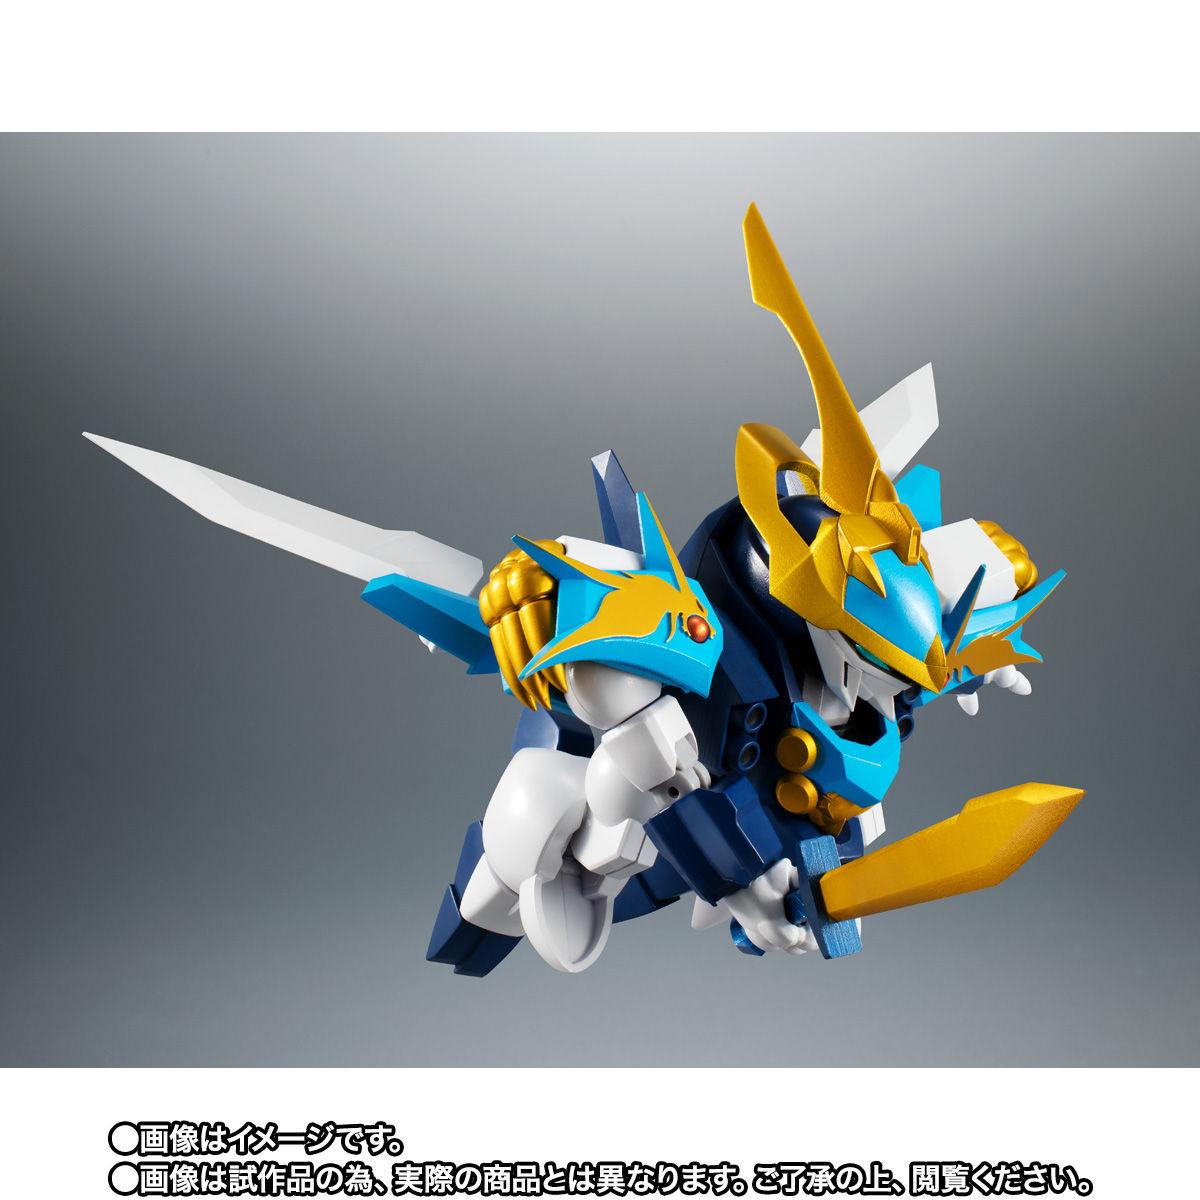 【限定販売】ROBOT魂〈SIDE MASHIN〉『龍蒼丸』魔神英雄伝ワタル 可動フィギュア-009